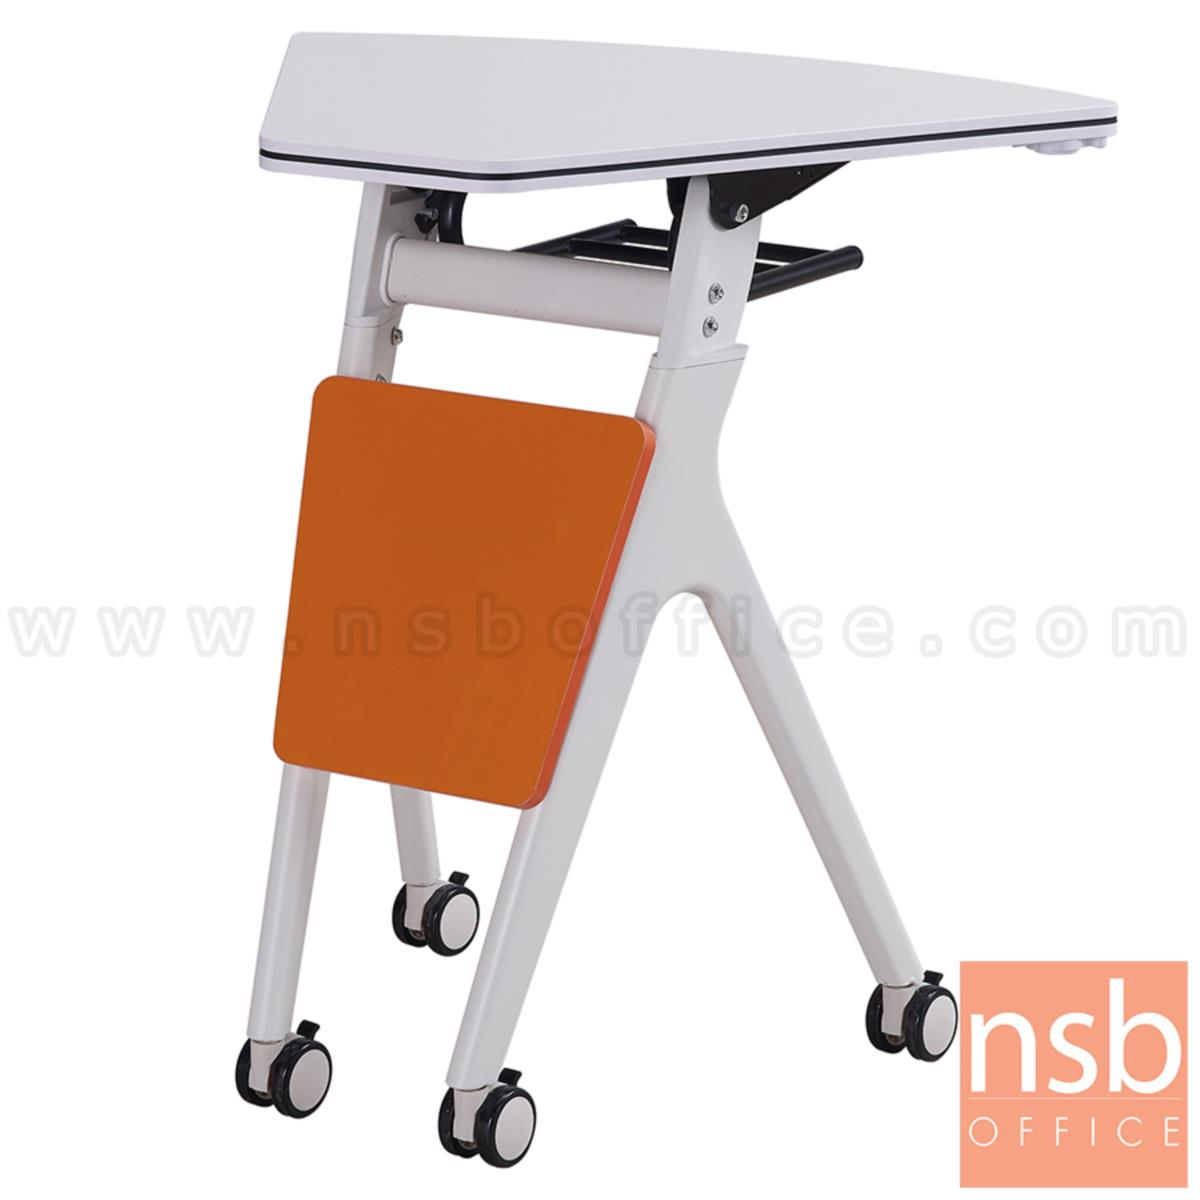 A18A101:โต๊ะพับล้อเลื่อน 1/6 รุ่น Lucy (ลูซี่)  โครงเหล็กพ่นสีขาว บังตาไม้